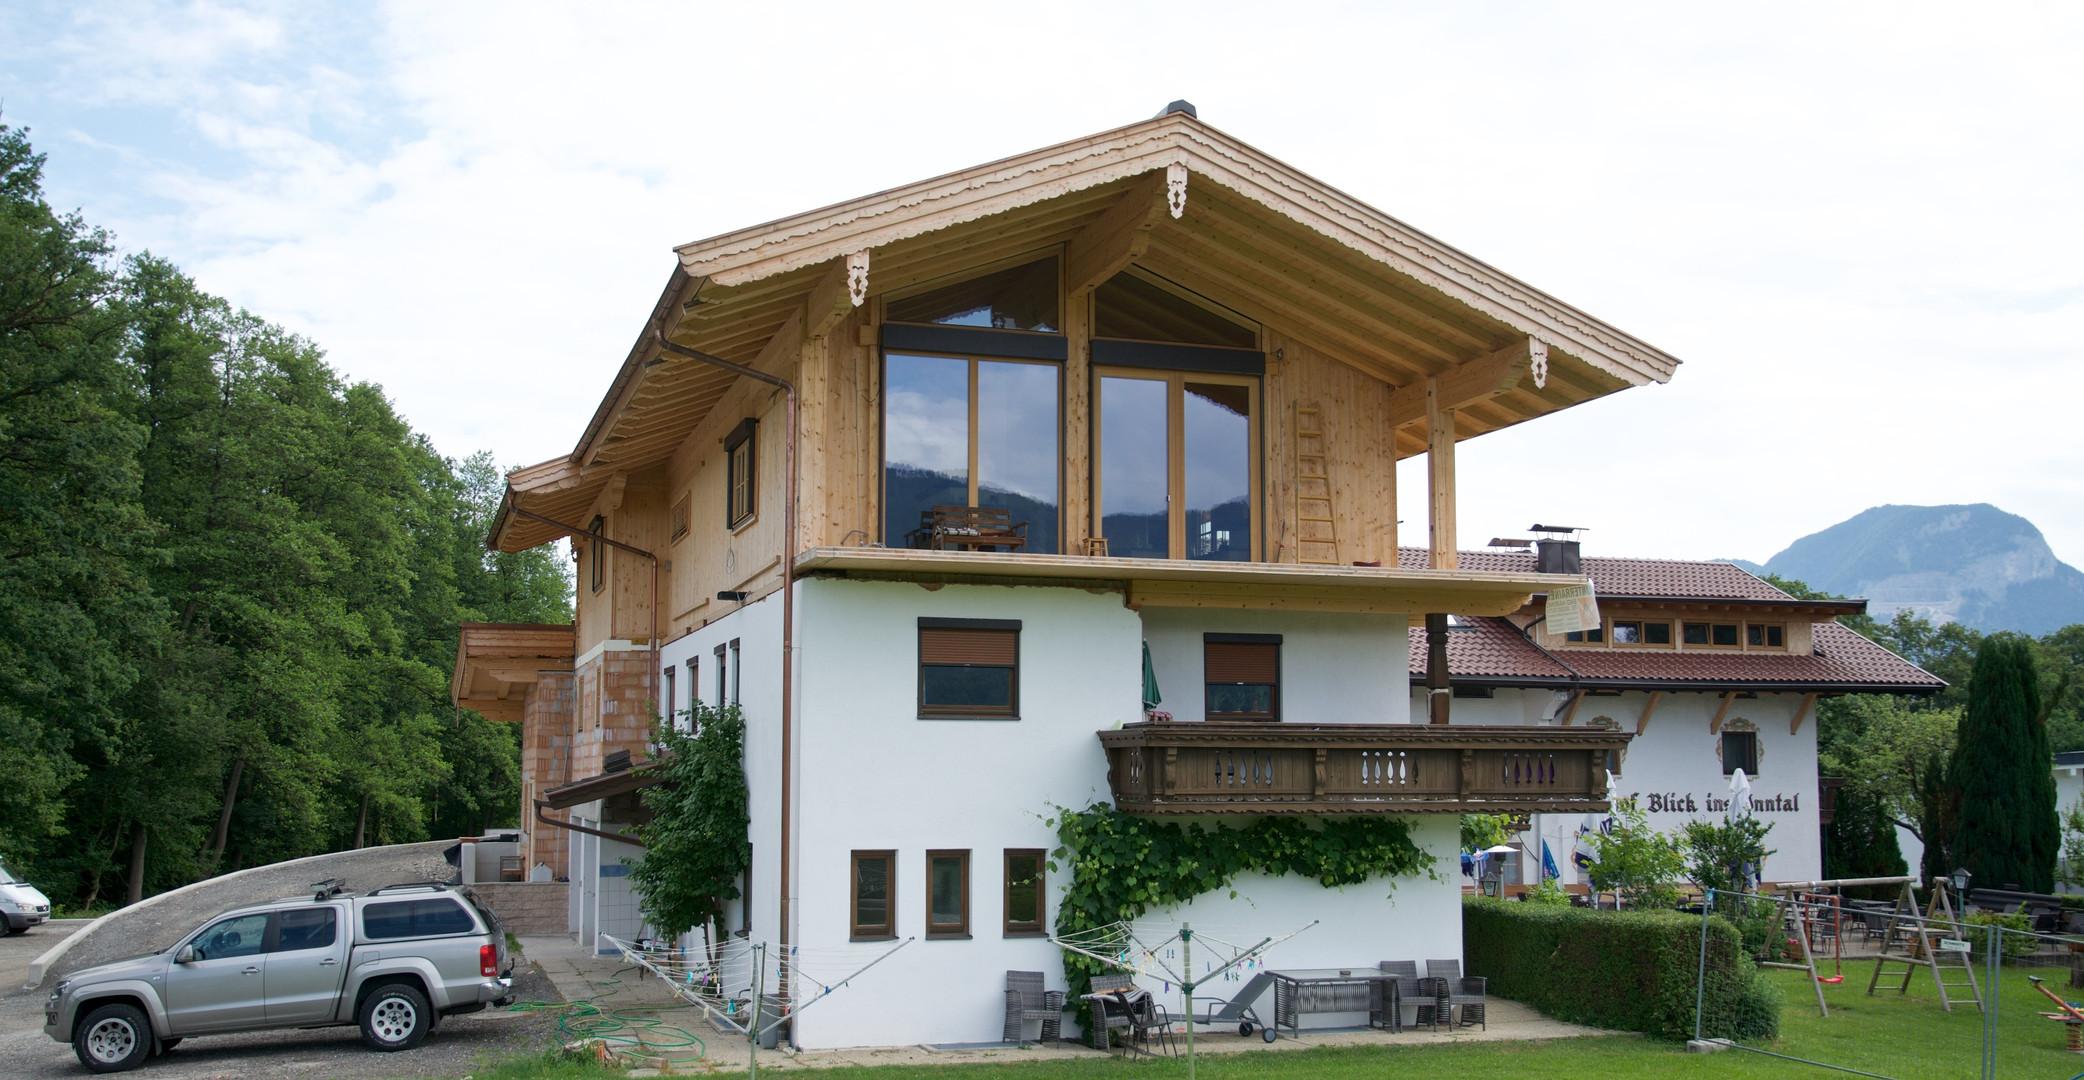 Wohnhaus Angerberg Blick ins Inntal